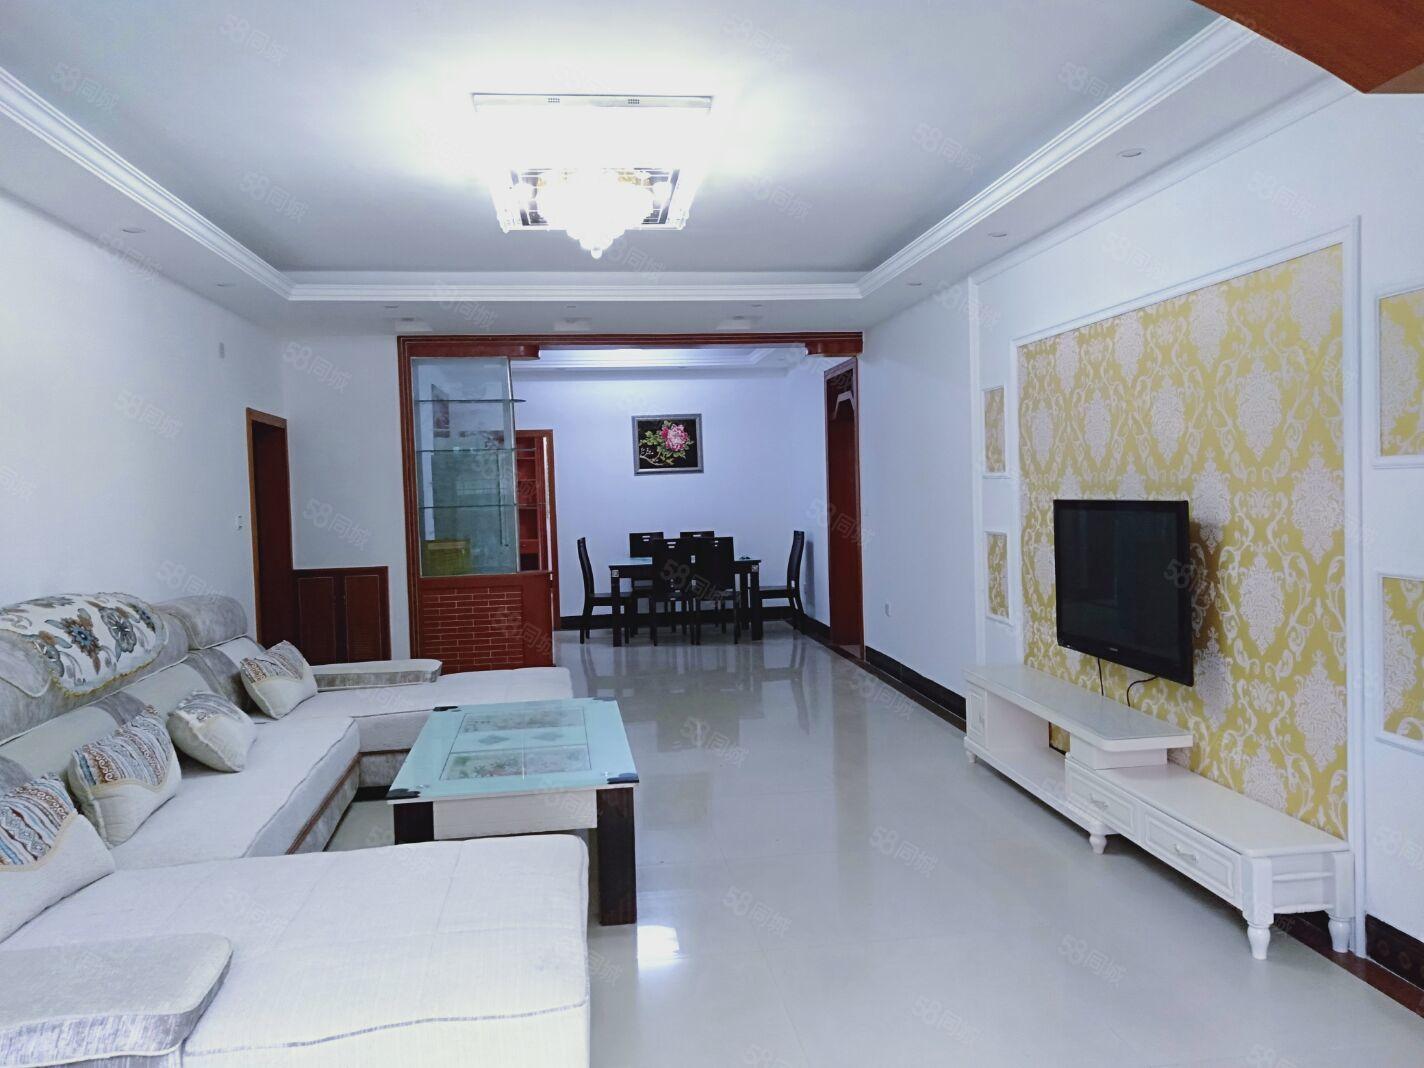 玉泉街農行2樓3室2廳2衛134平米單價才3千多一平米